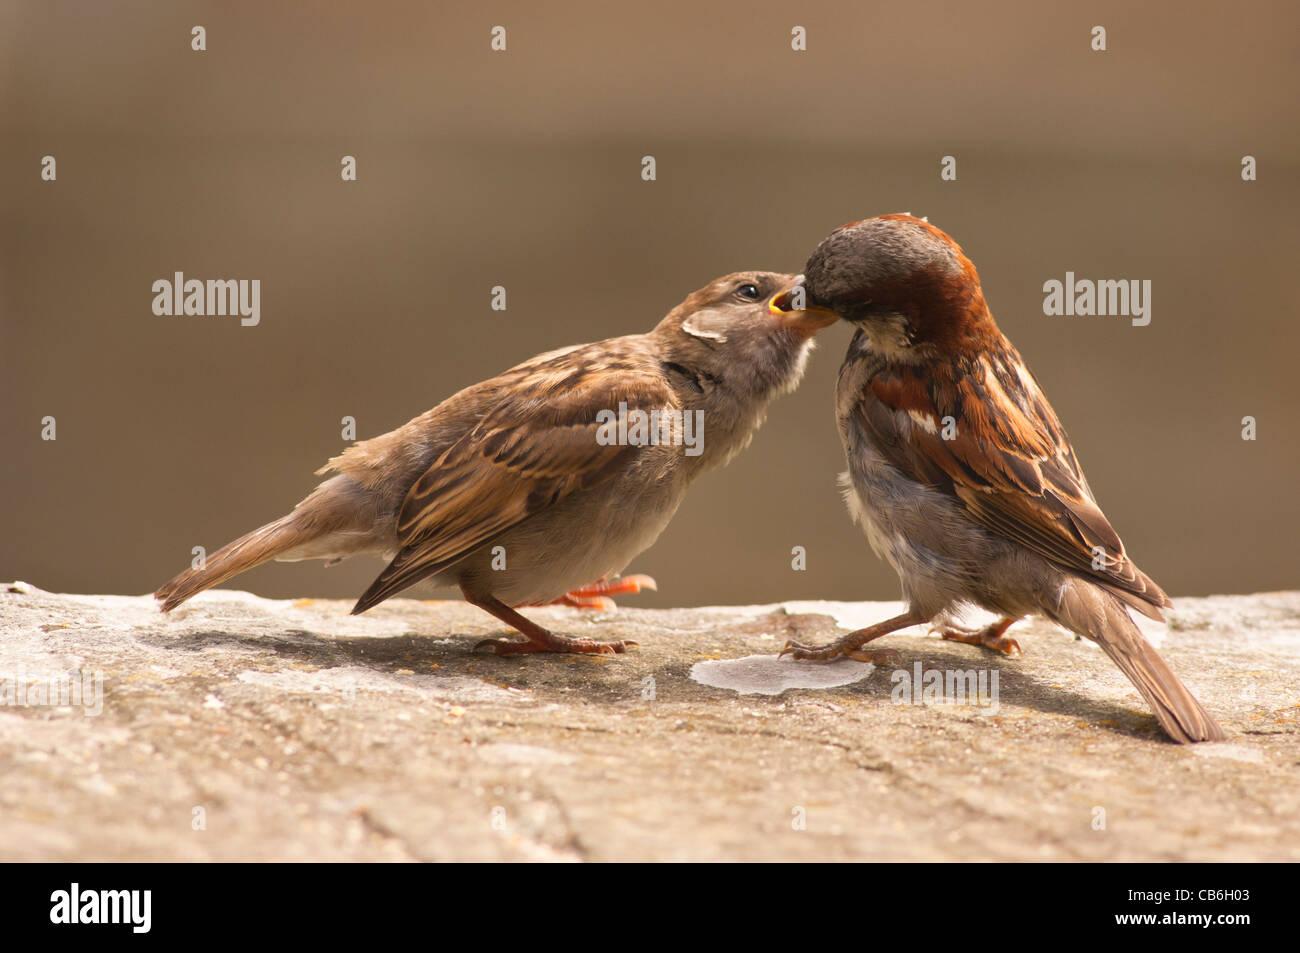 Un primer plano retrato de un macho de gorrión (Passer domesticus ) alimentando un joven fledgeling chick en el Reino Unido Foto de stock